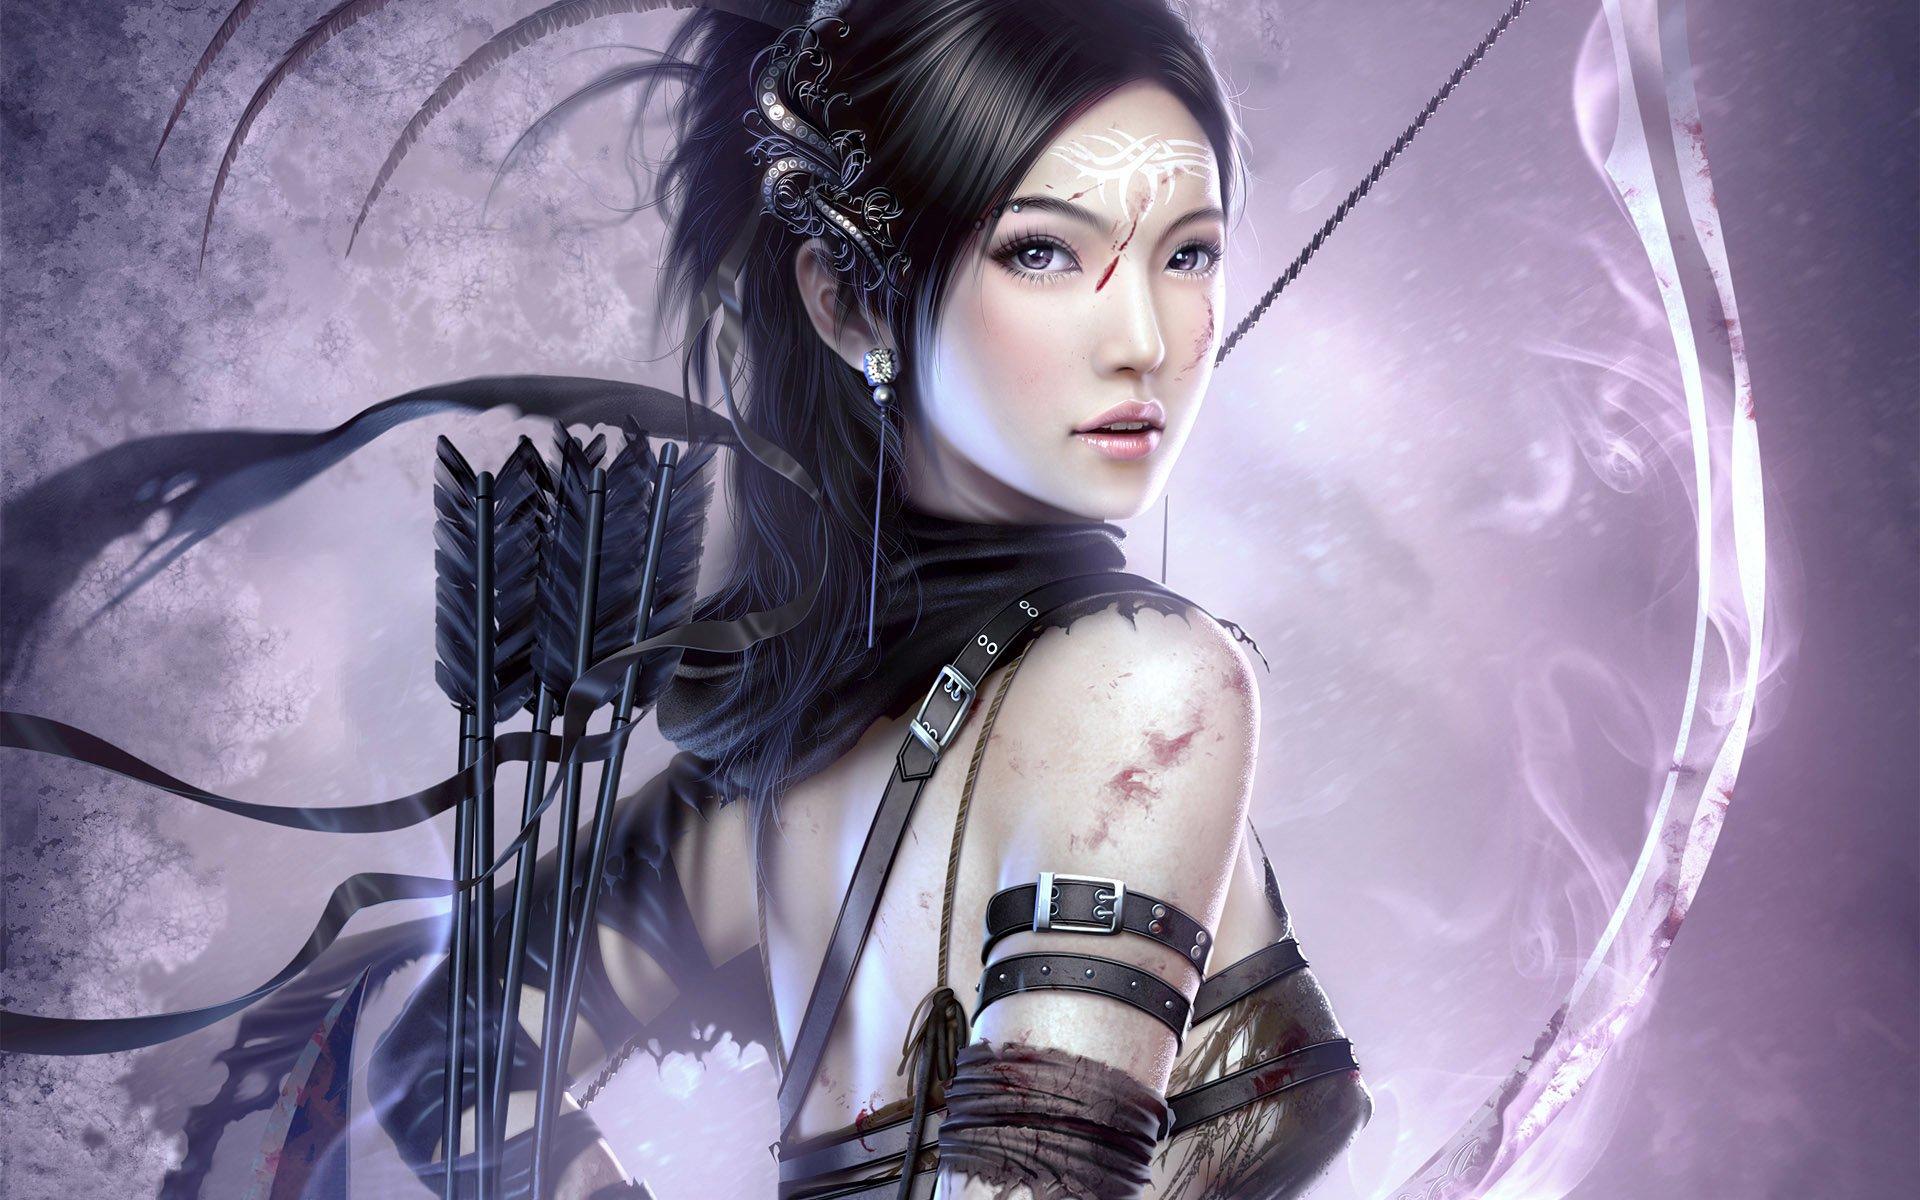 Images of Women Warrior | 1920x1200